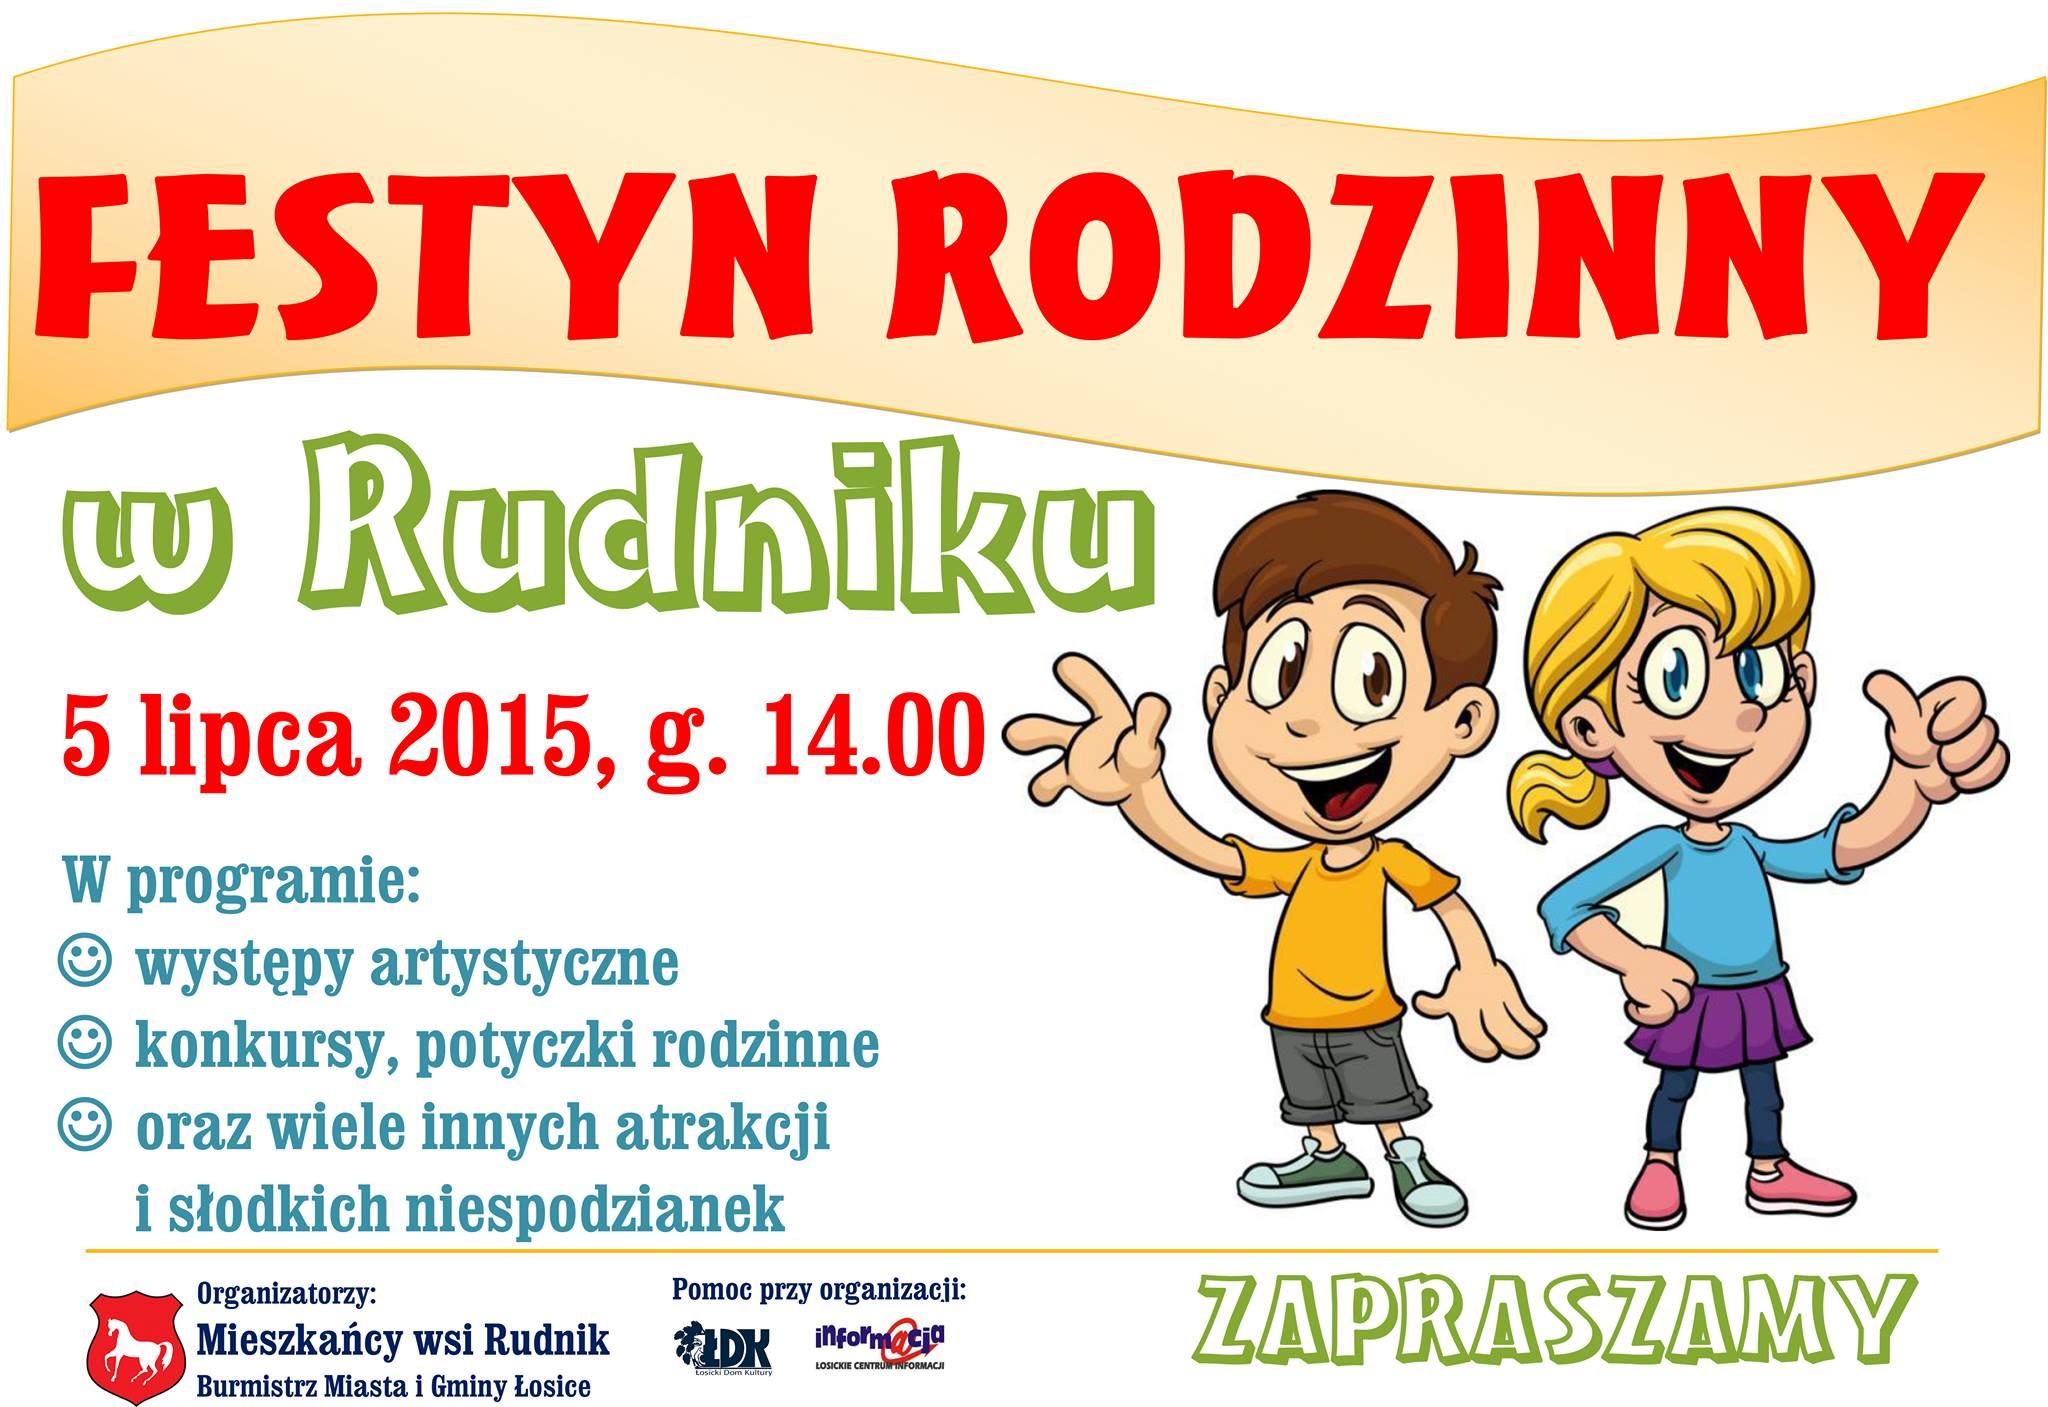 festyn_rodzinny